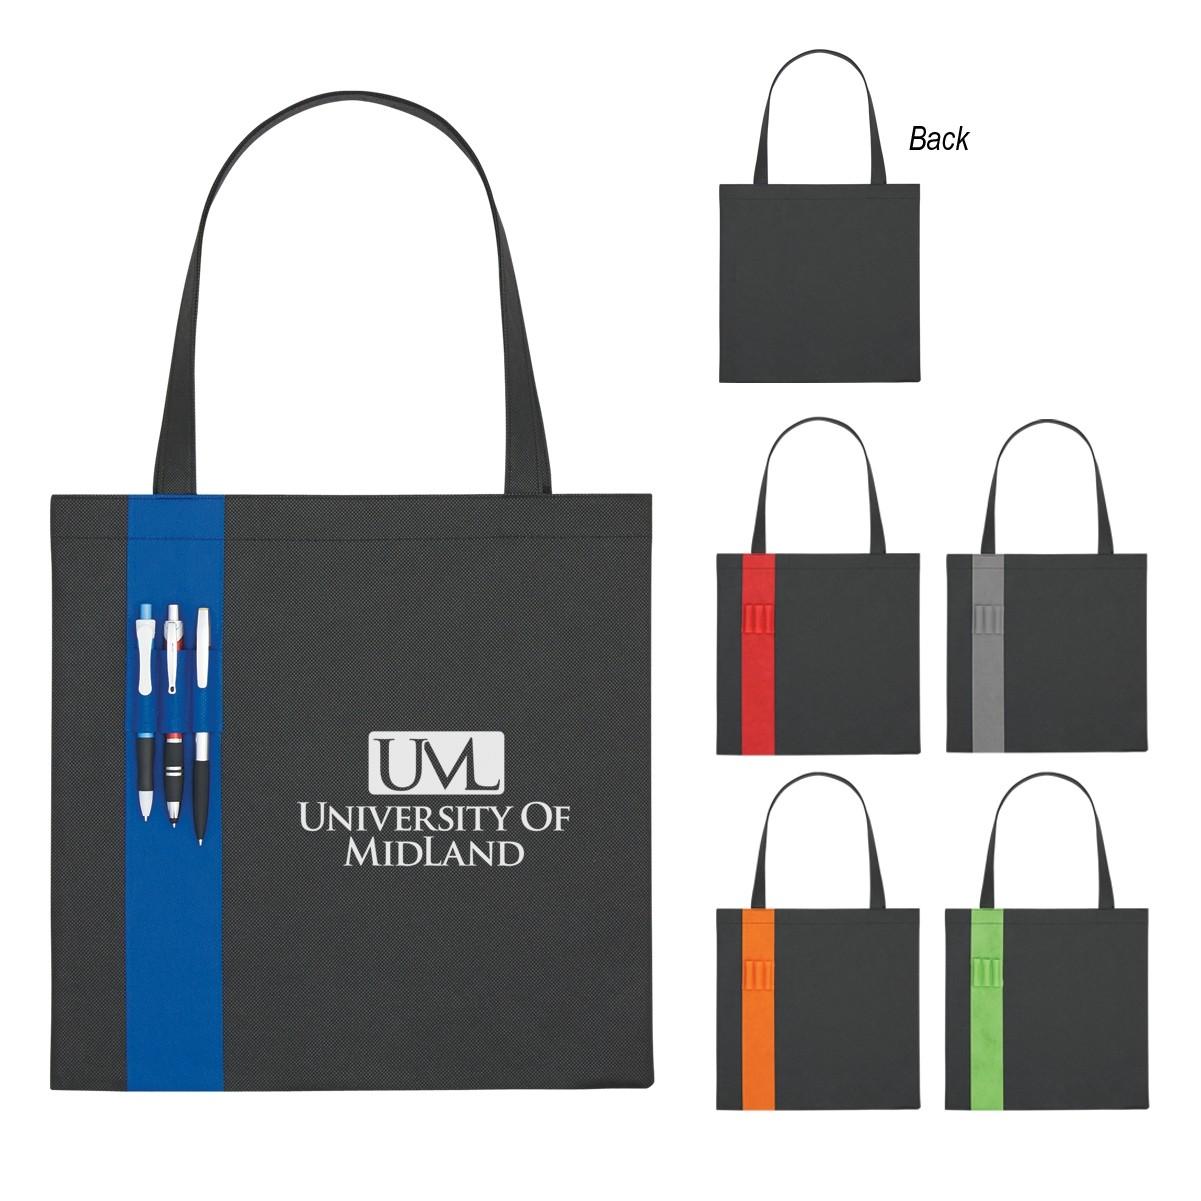 Promotional Non-Woven Color Tote Bag,Non-Woven Color Tote Bag,Promotional Color Tote Bag